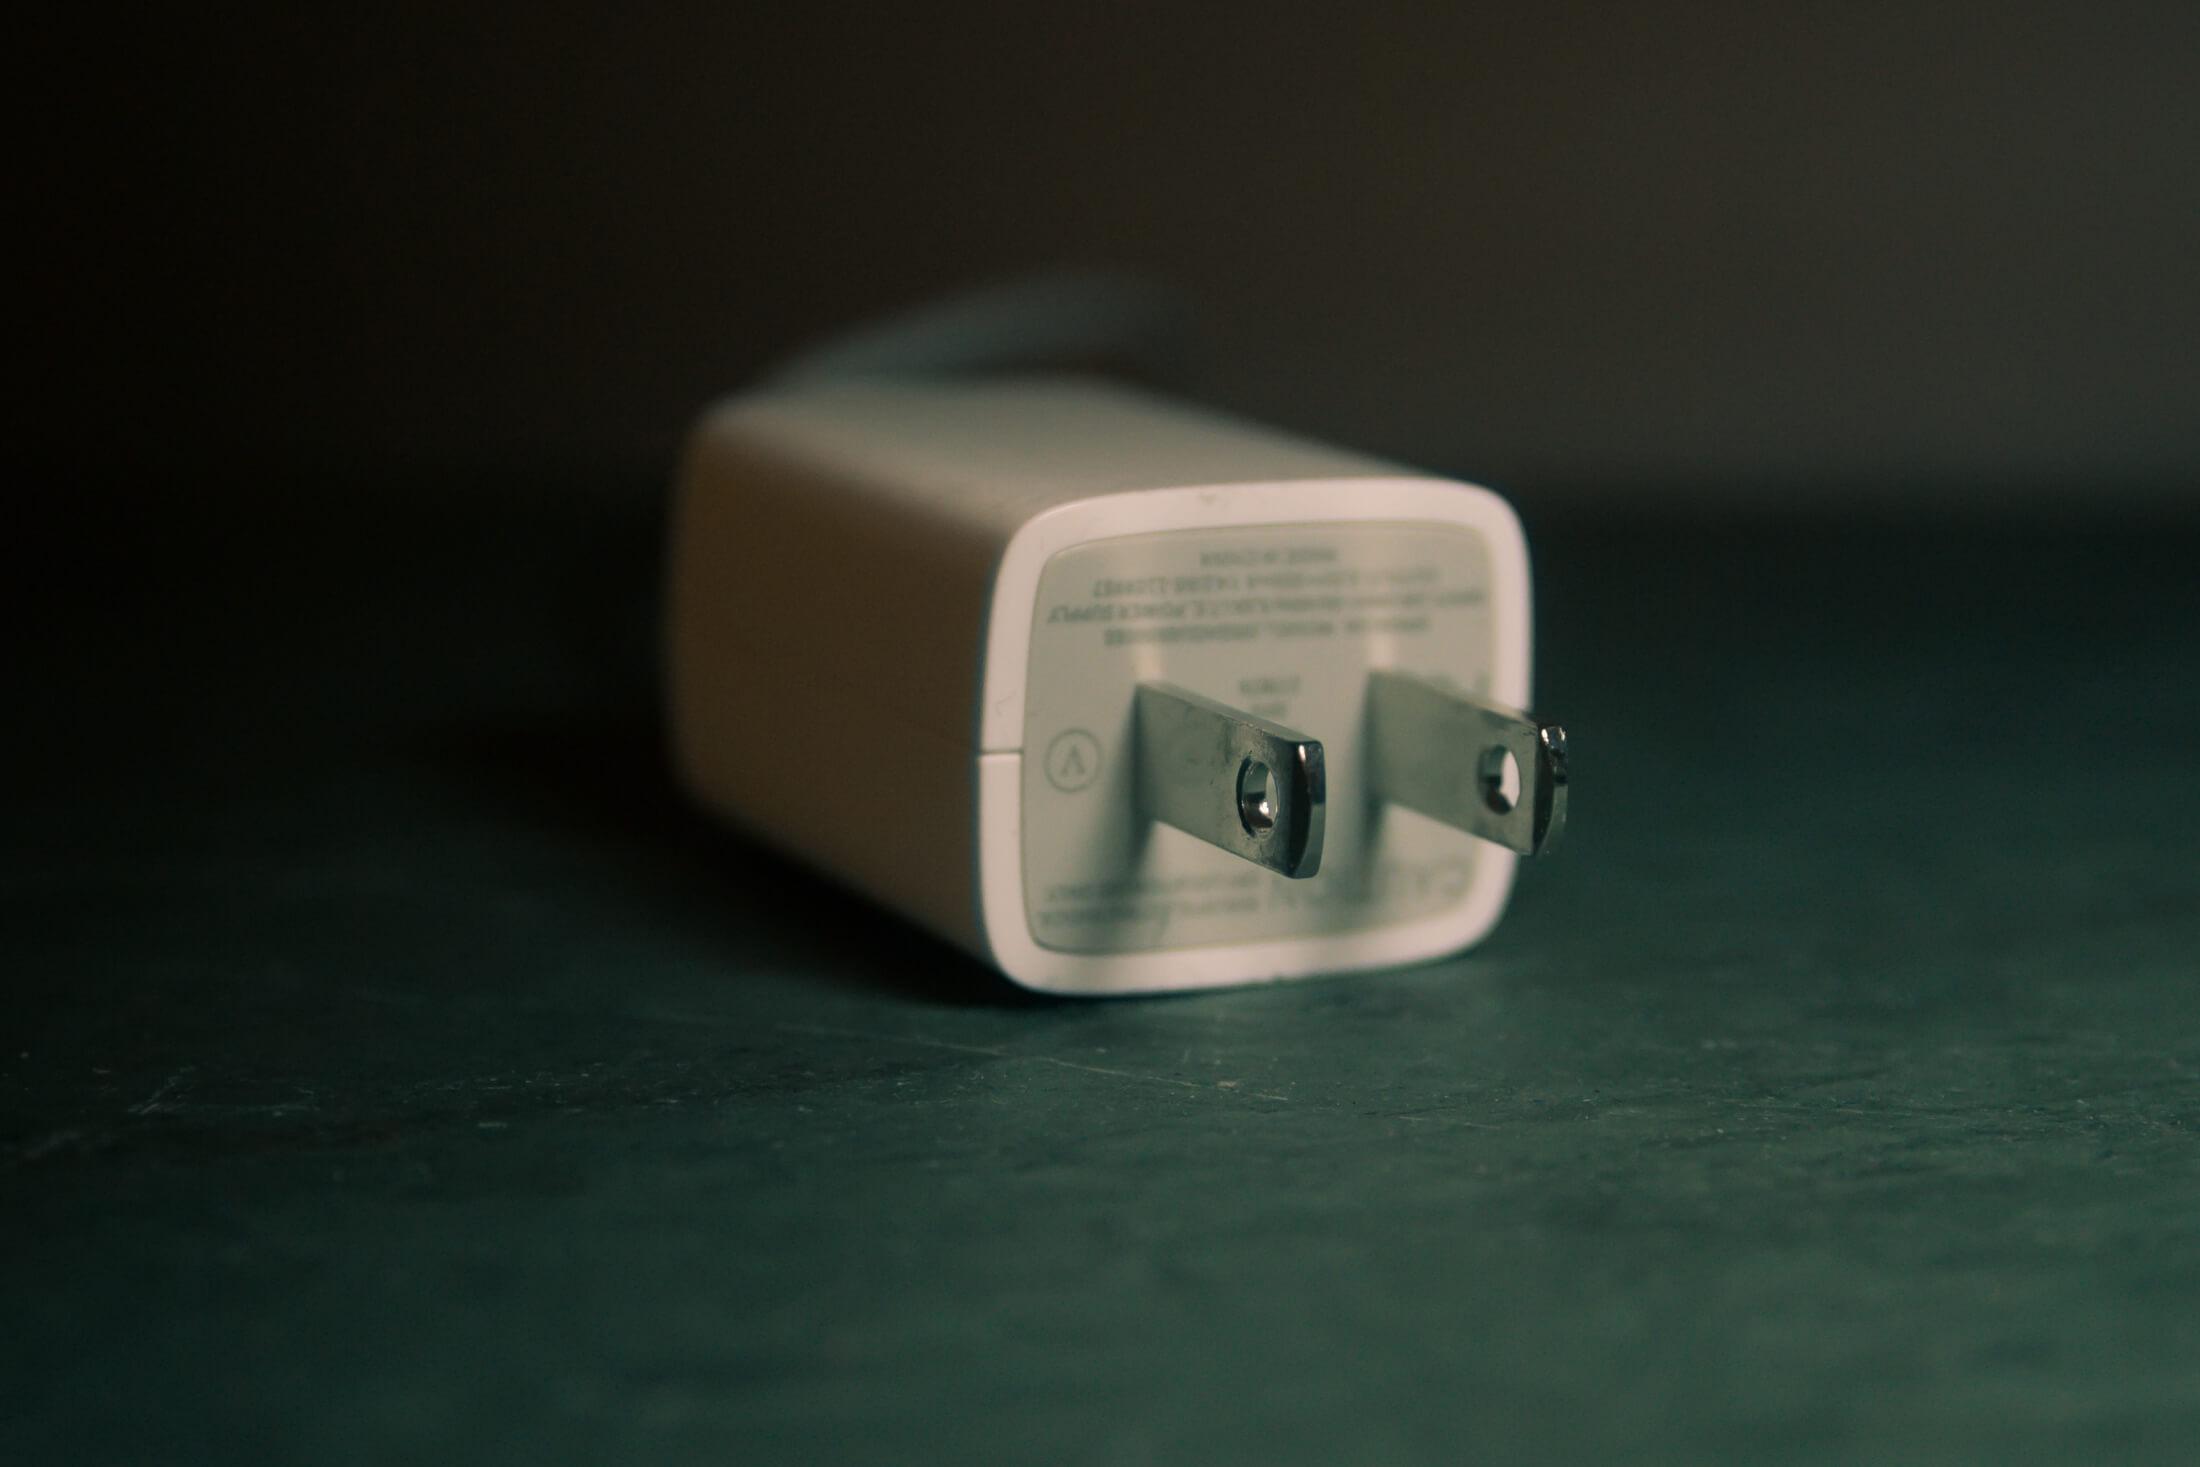 зарядка смартфона больше ампер